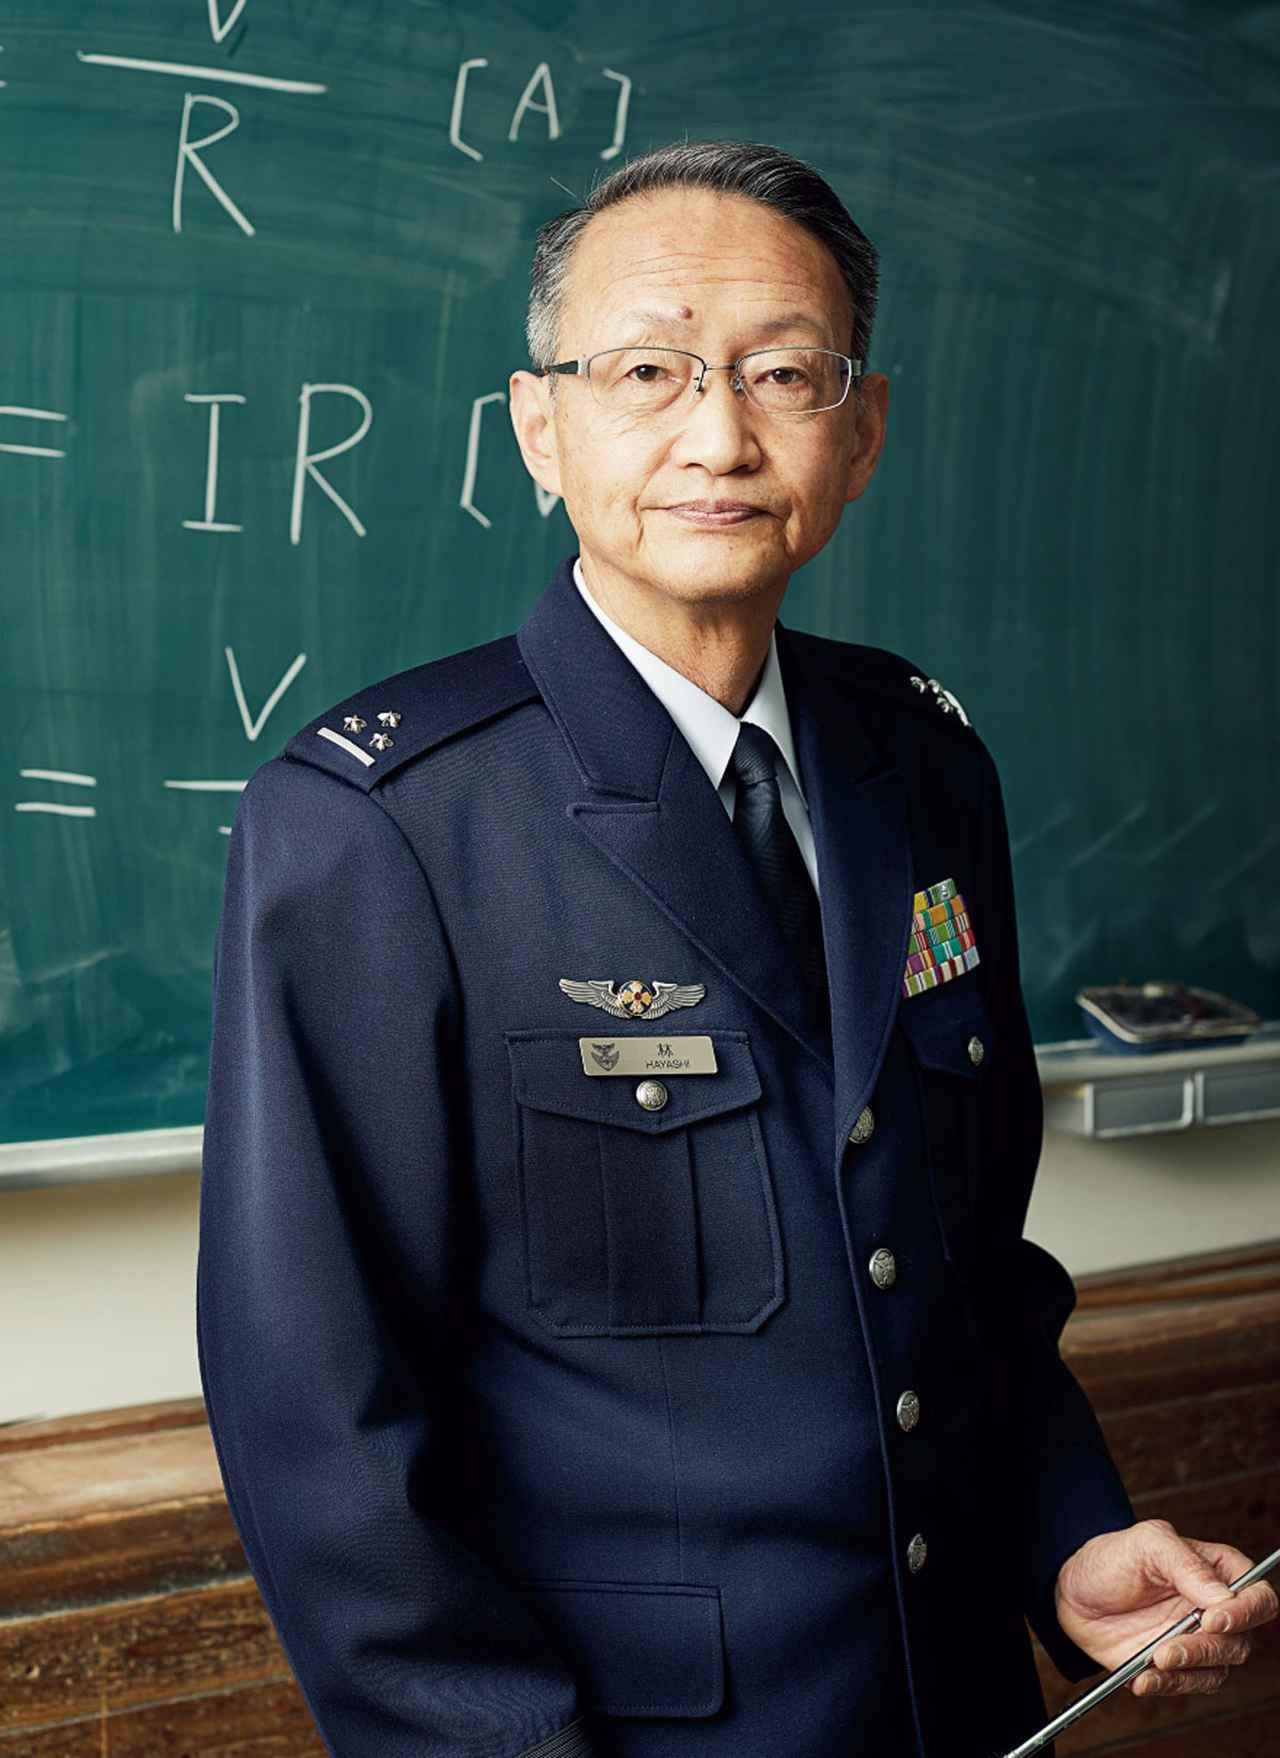 画像: 1974年入隊。気象群本部や中部航空警戒管制団、統合幕僚監部などでの勤務を経て2011年より現職(再任用)